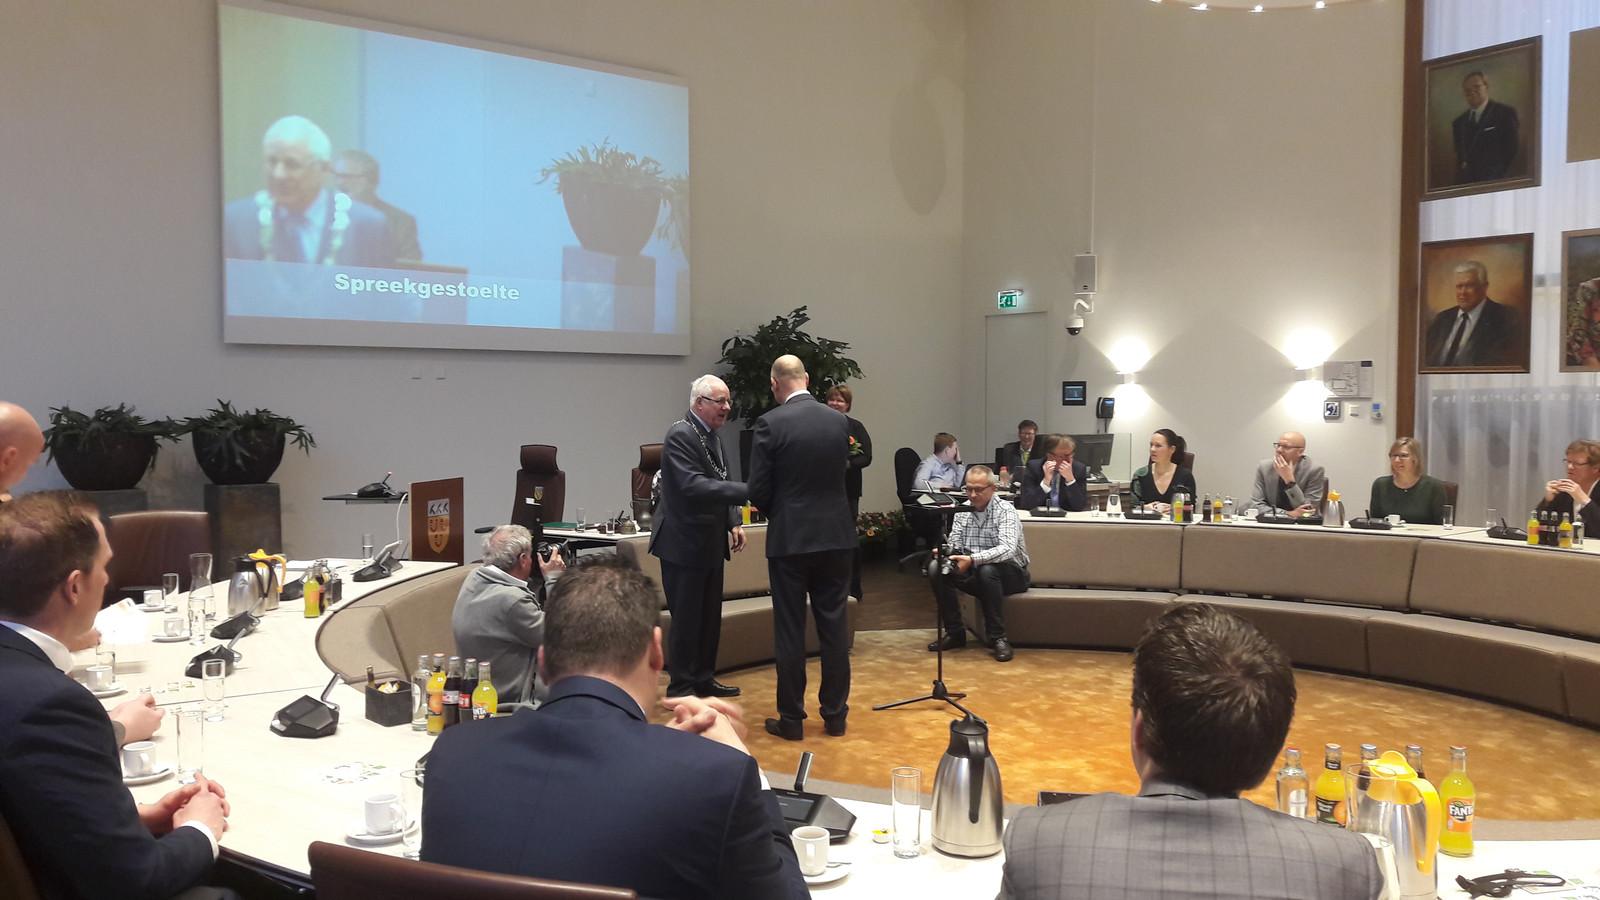 De installatie van de gemeenteraad in Loon op Zand vorige week; raadsnestor Bertus Kemmeren (met ambtsketen) heeft net Gerard Bruijniks (op de rug) van GemeenteBelangen geïnstalleerd als raadslid en feliciteert hem.